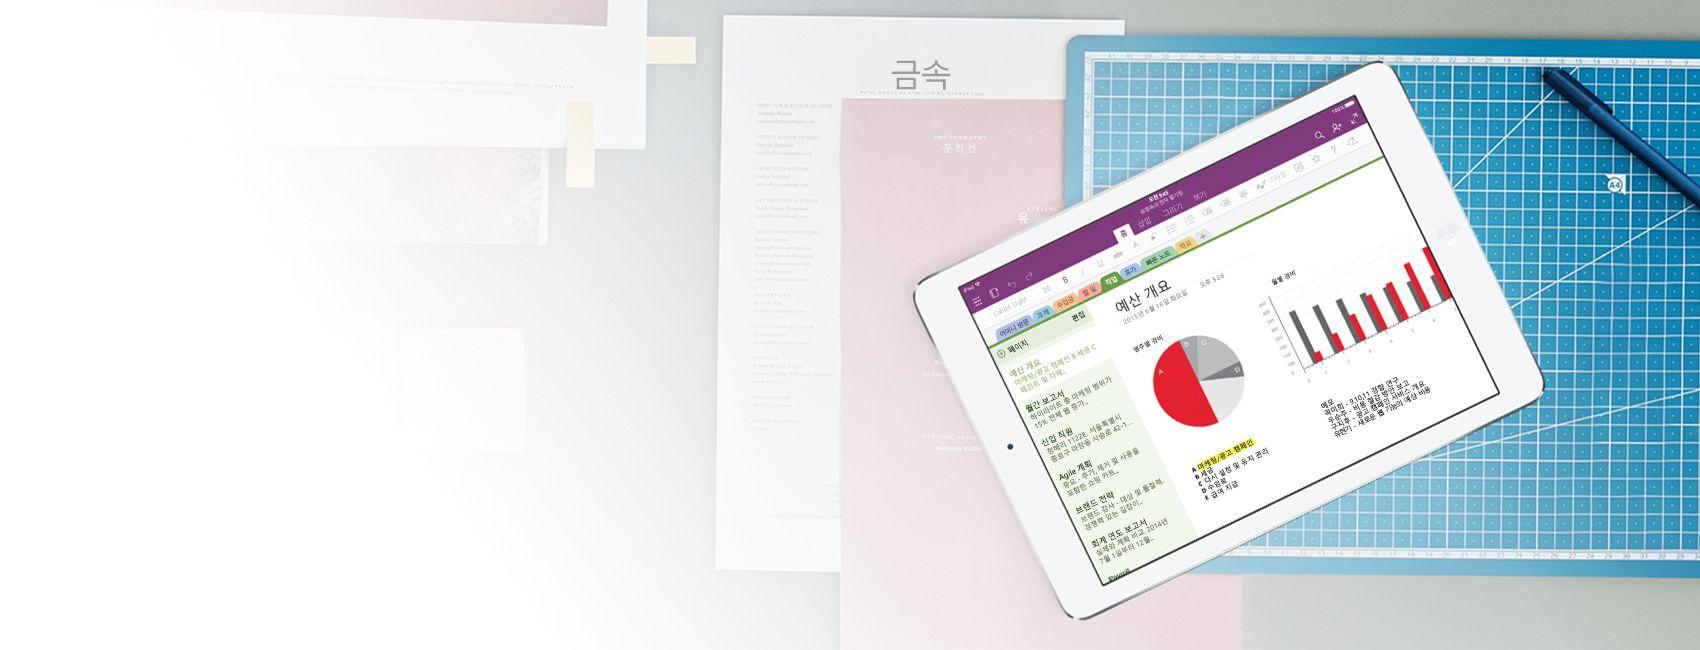 예산 개요 차트 및 그래프가 포함된 OneNote 전자 필기장이 표시된 iPad